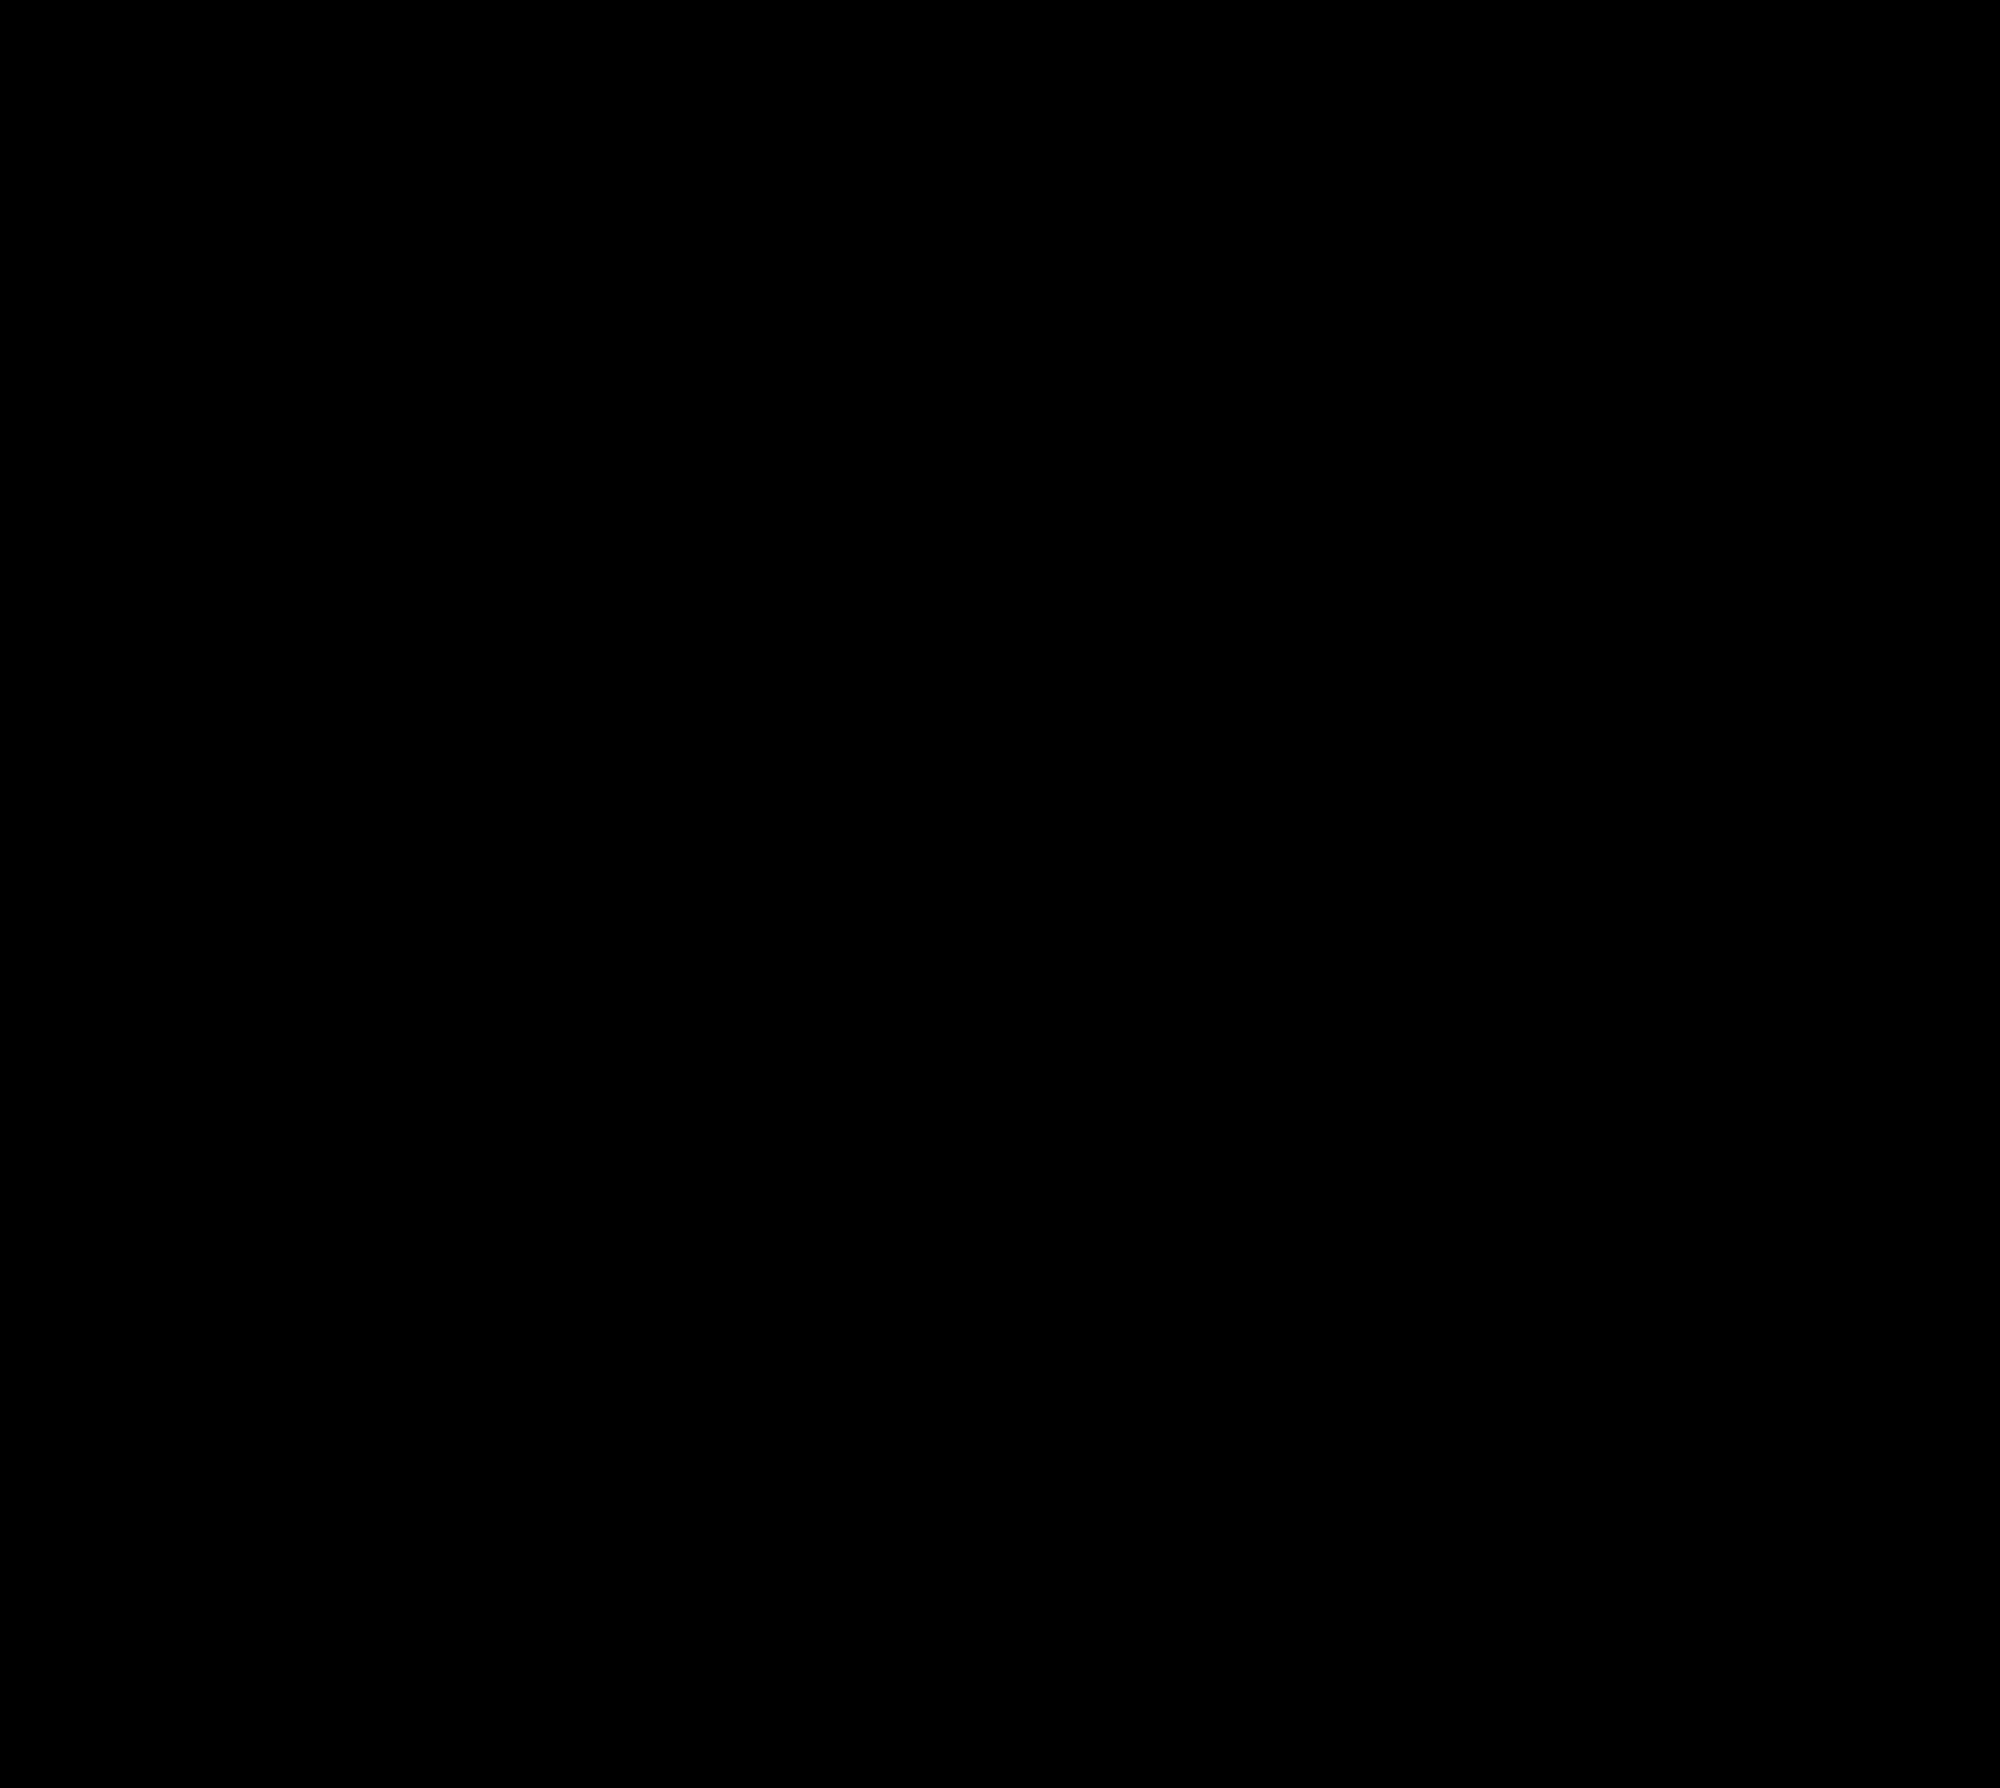 Winkelbezeichnungen MAC oder CAB (Mathe, Mathematik, Winkel)